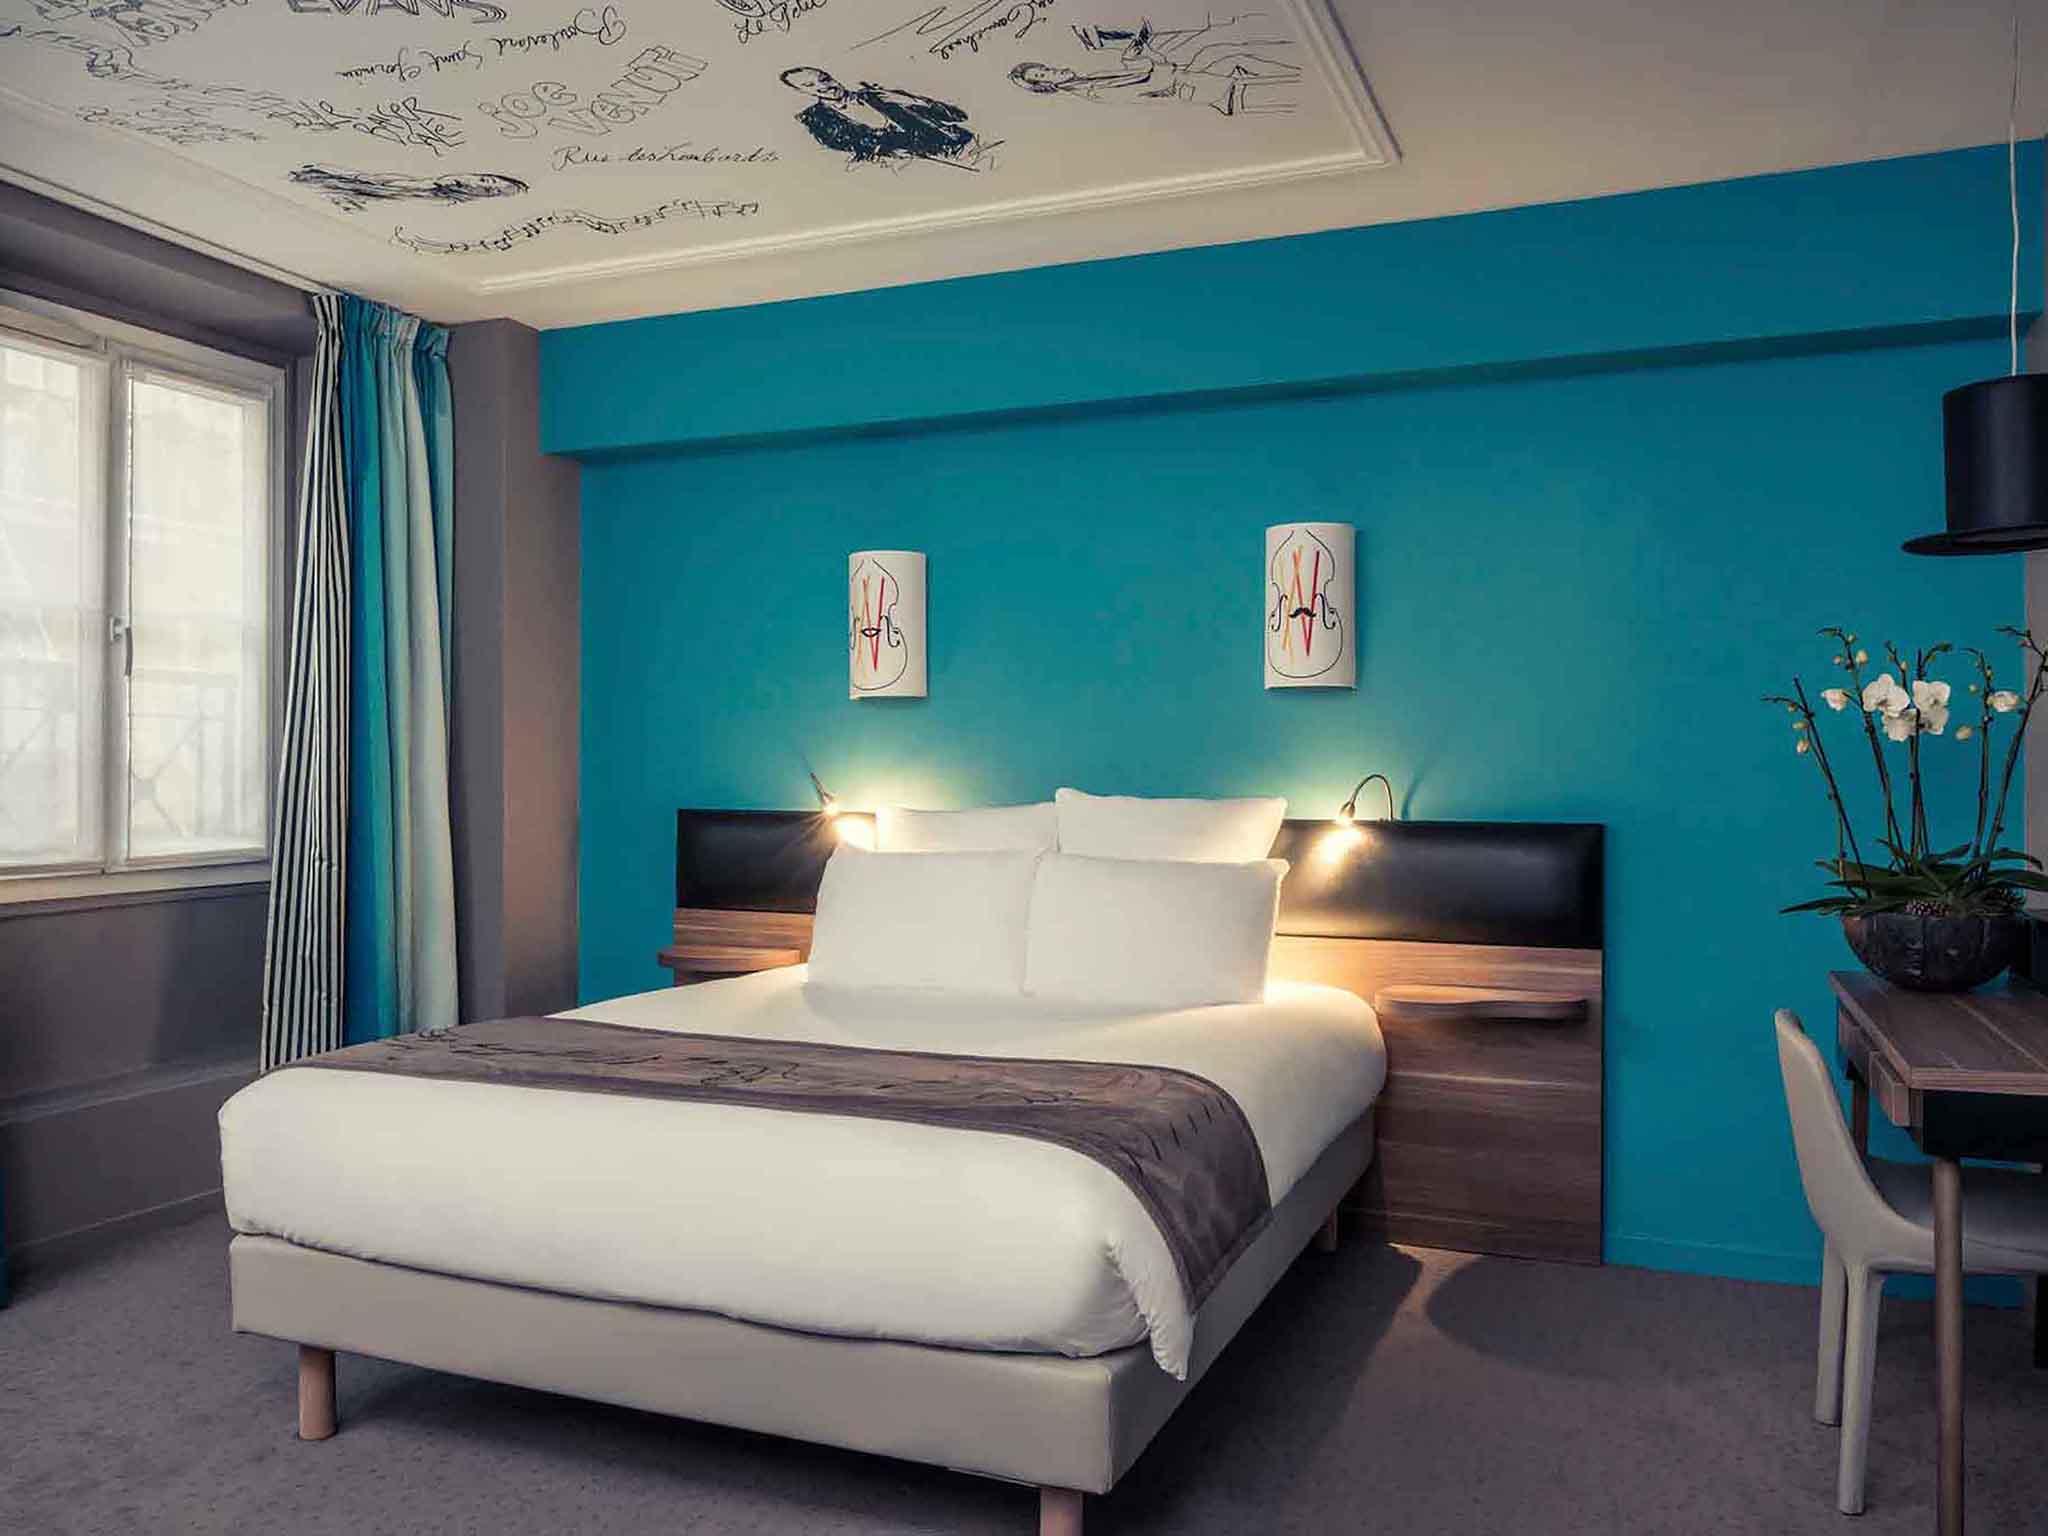 ホテル – オテル メルキュール パリ オペラ グラン ブルヴァール